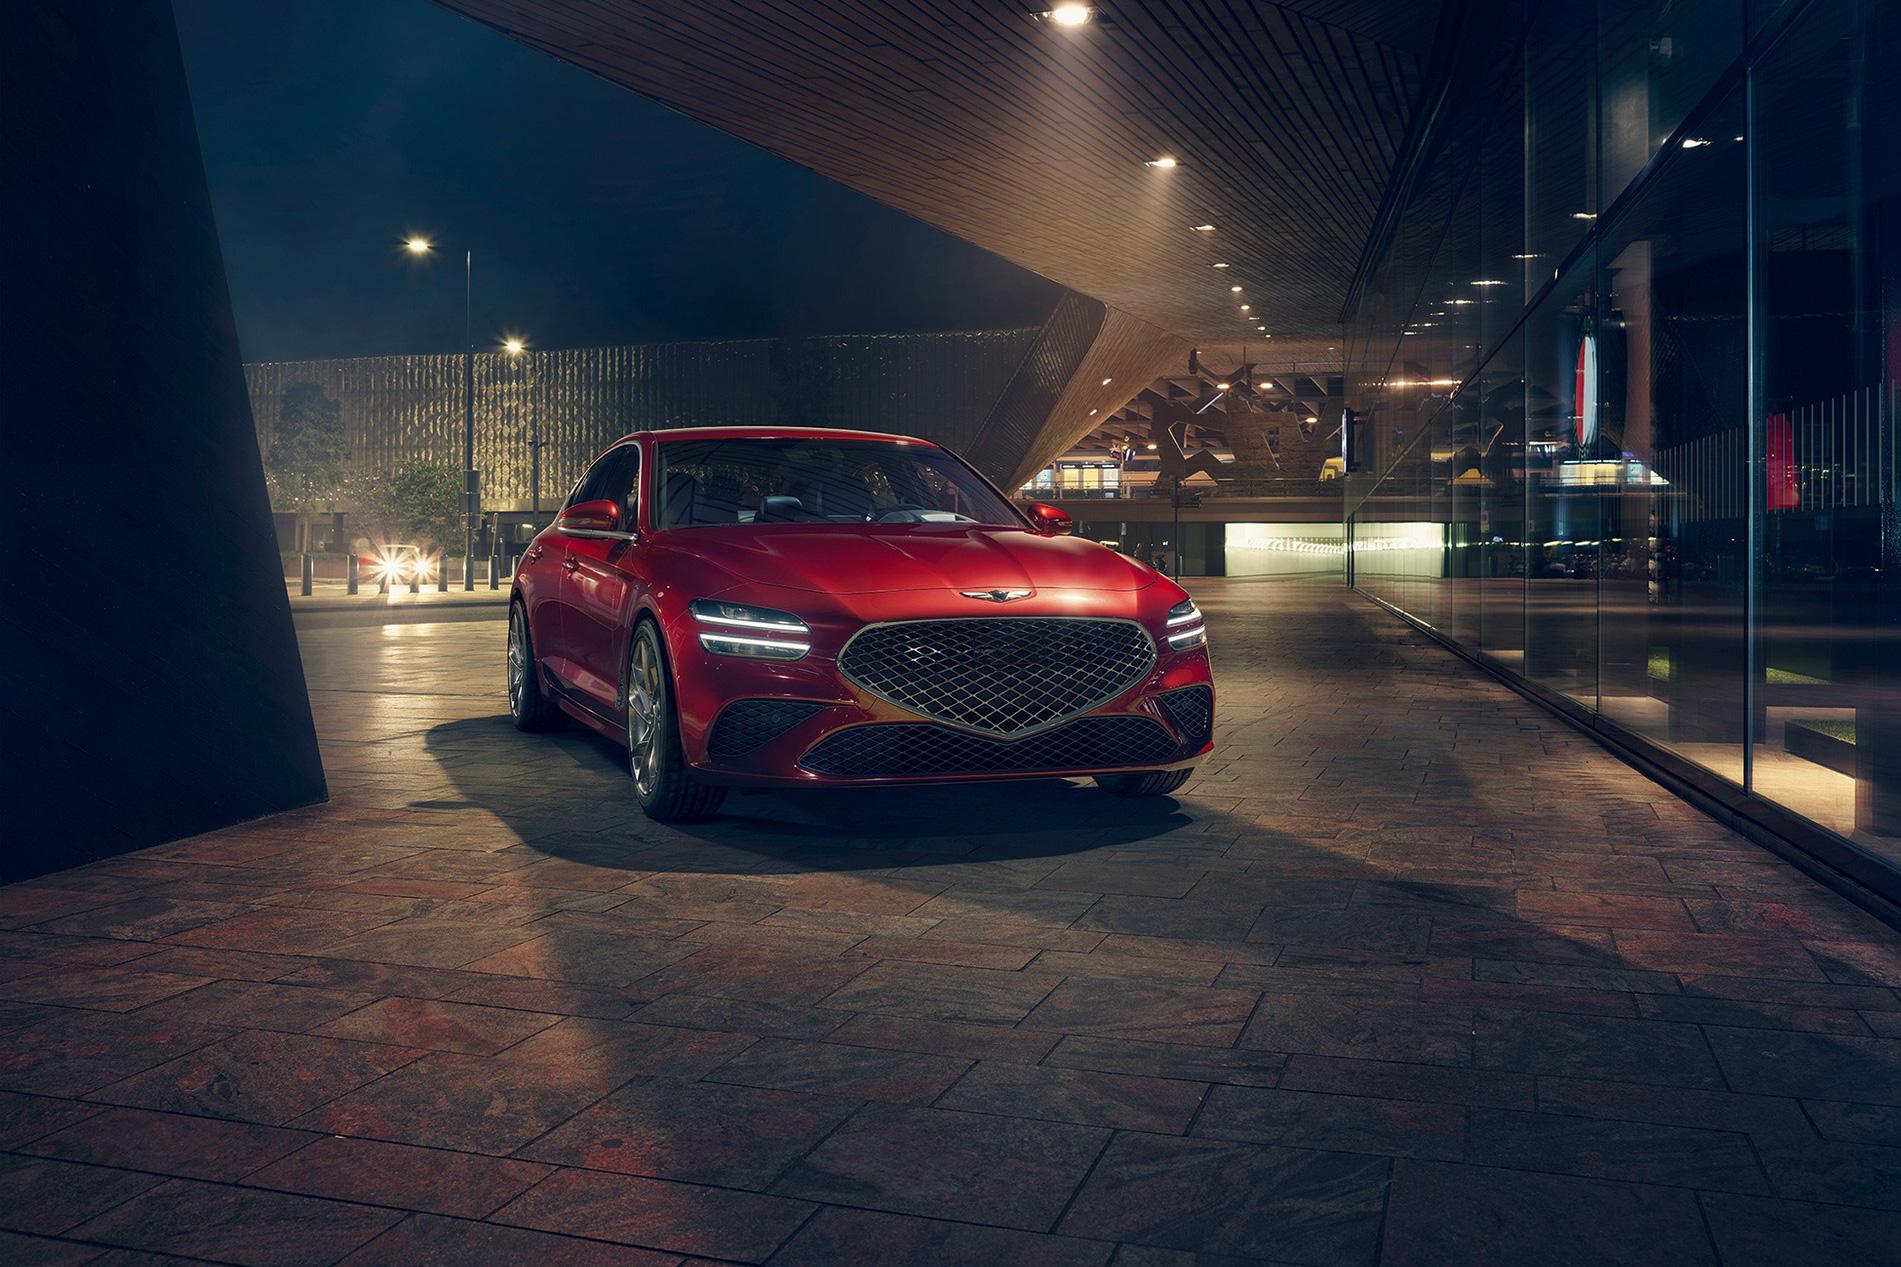 Xe sang Hàn Quốc Genesis muốn vượt Lexus, Audi trong tương lai gần